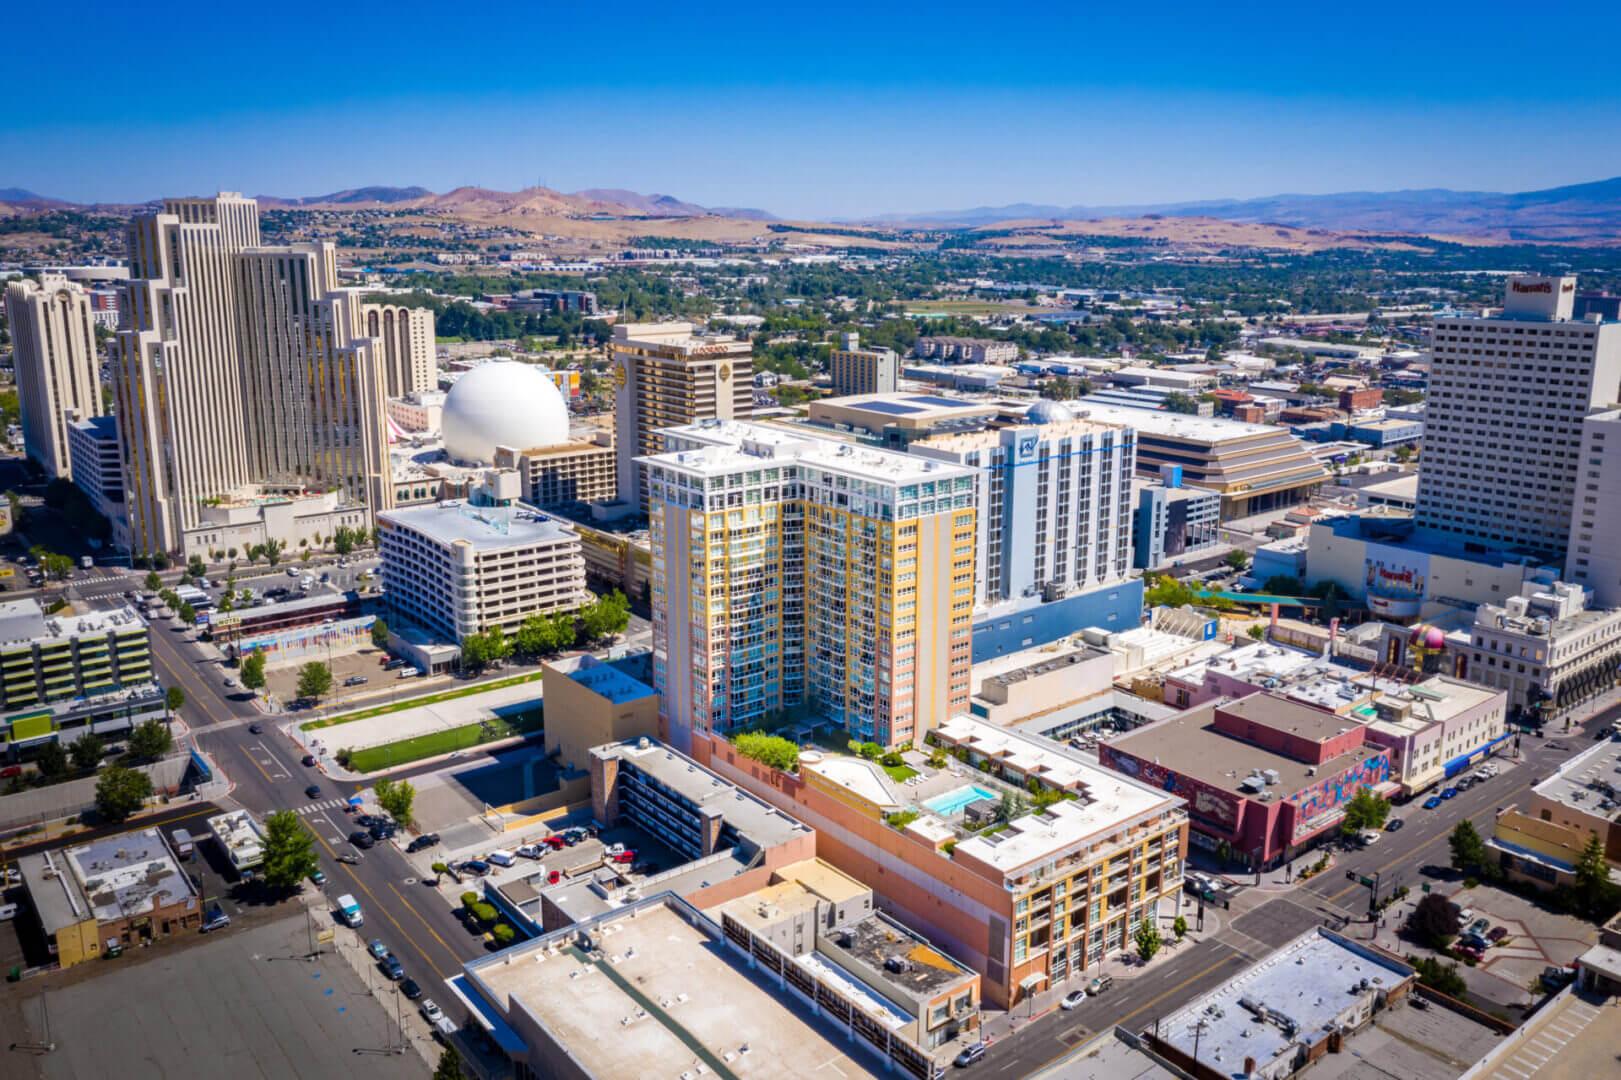 The Montage Reno